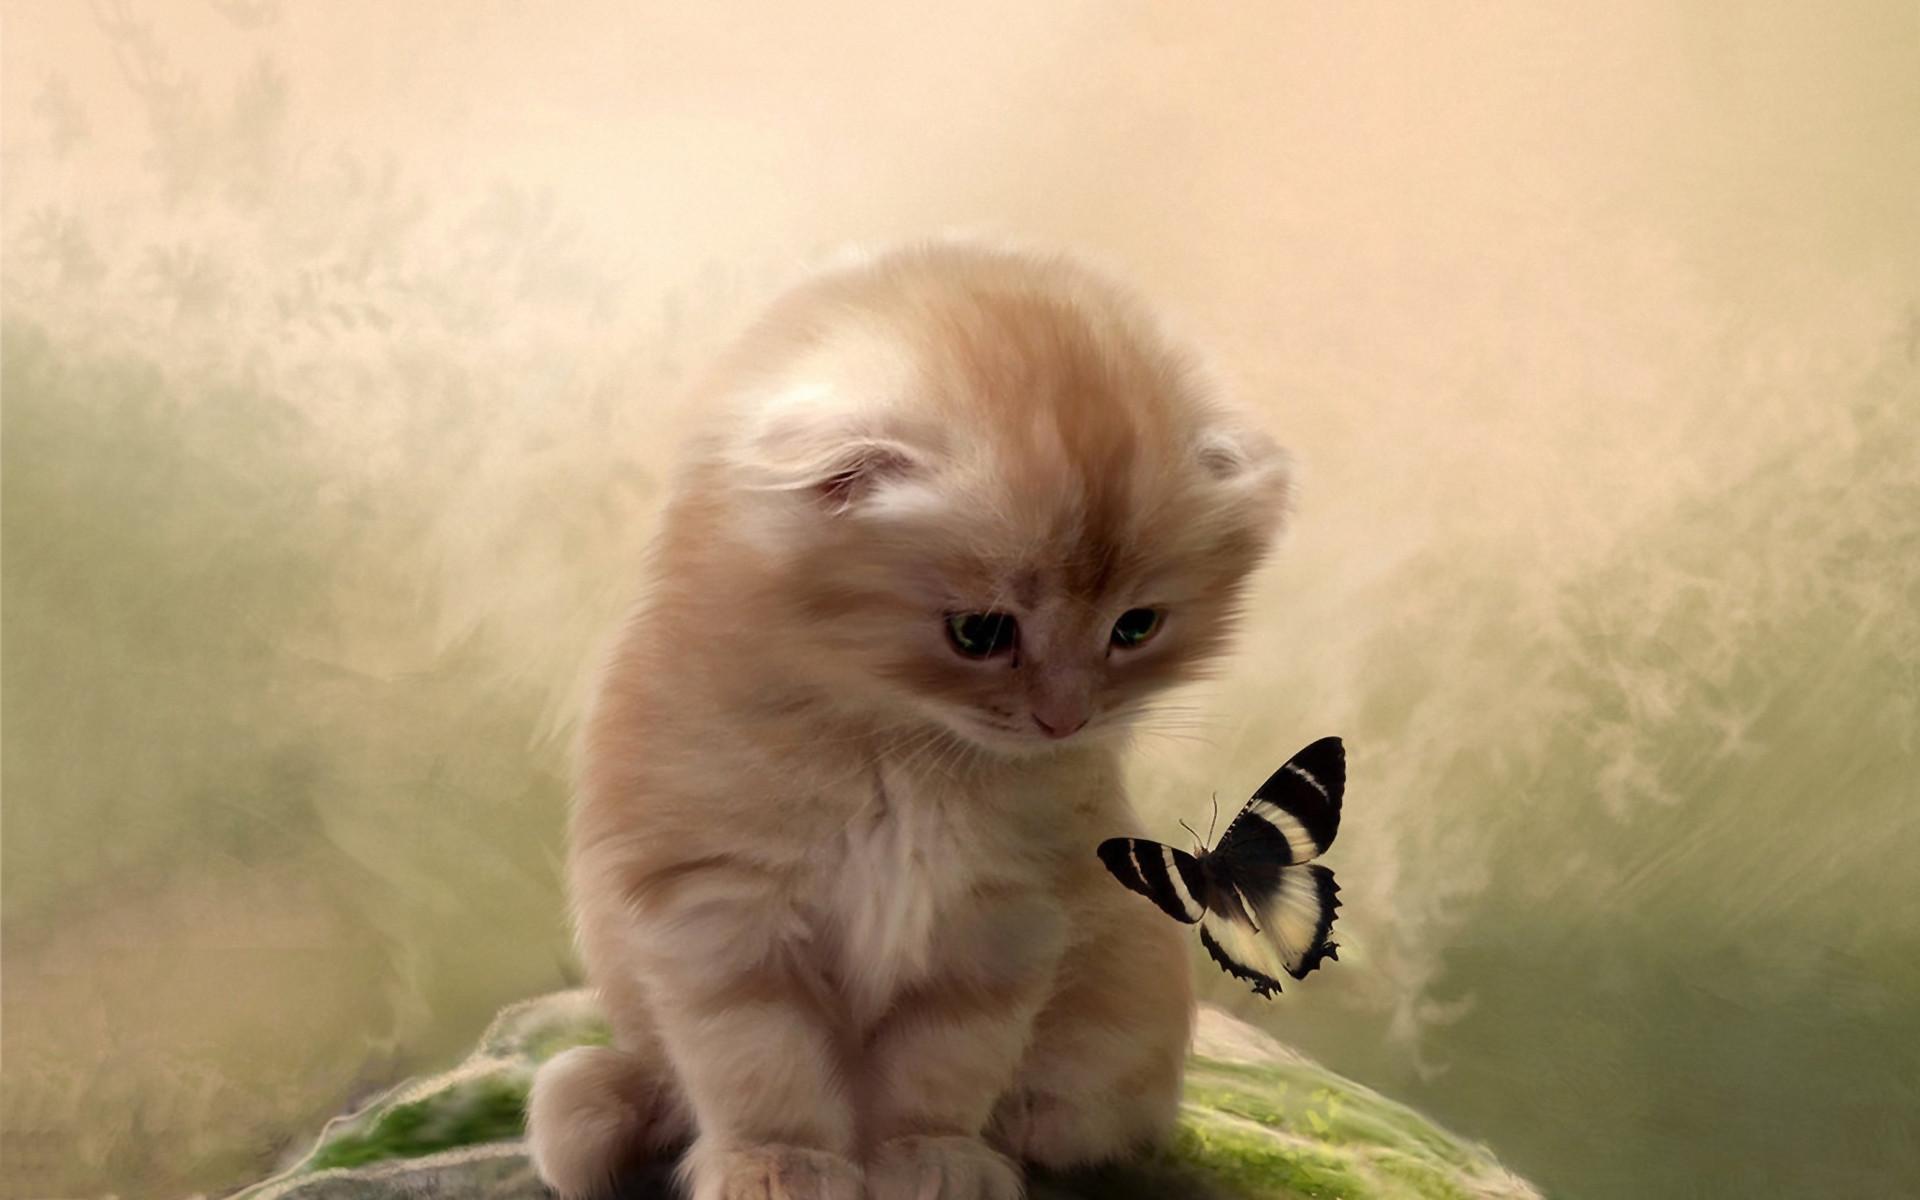 Kitty butterfly Wallpaper in